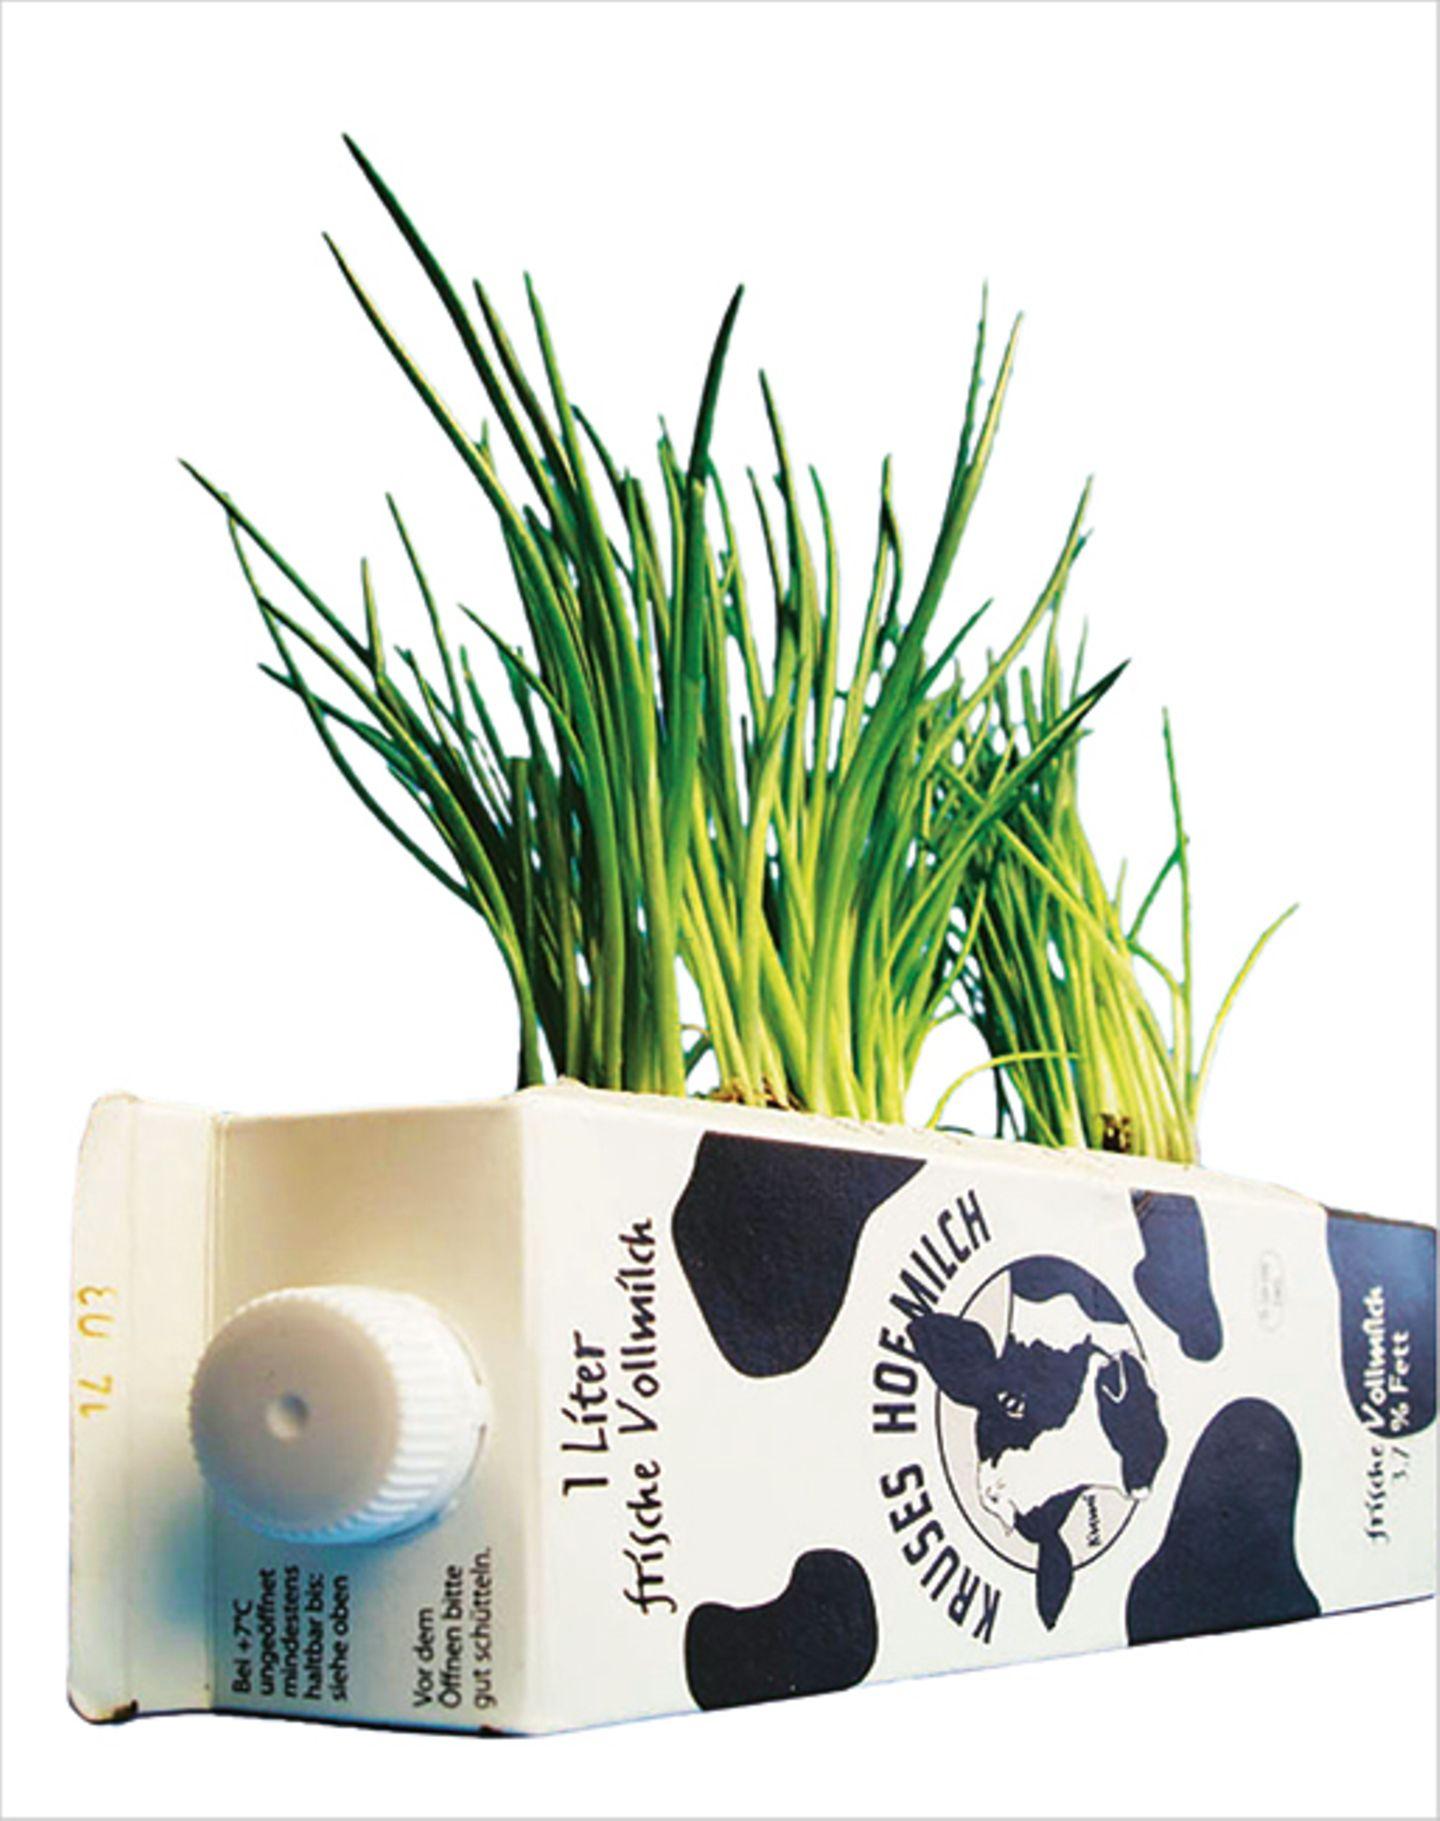 Basteln: So schnell und einfach könnt ihr Schnittlauch anpflanzen